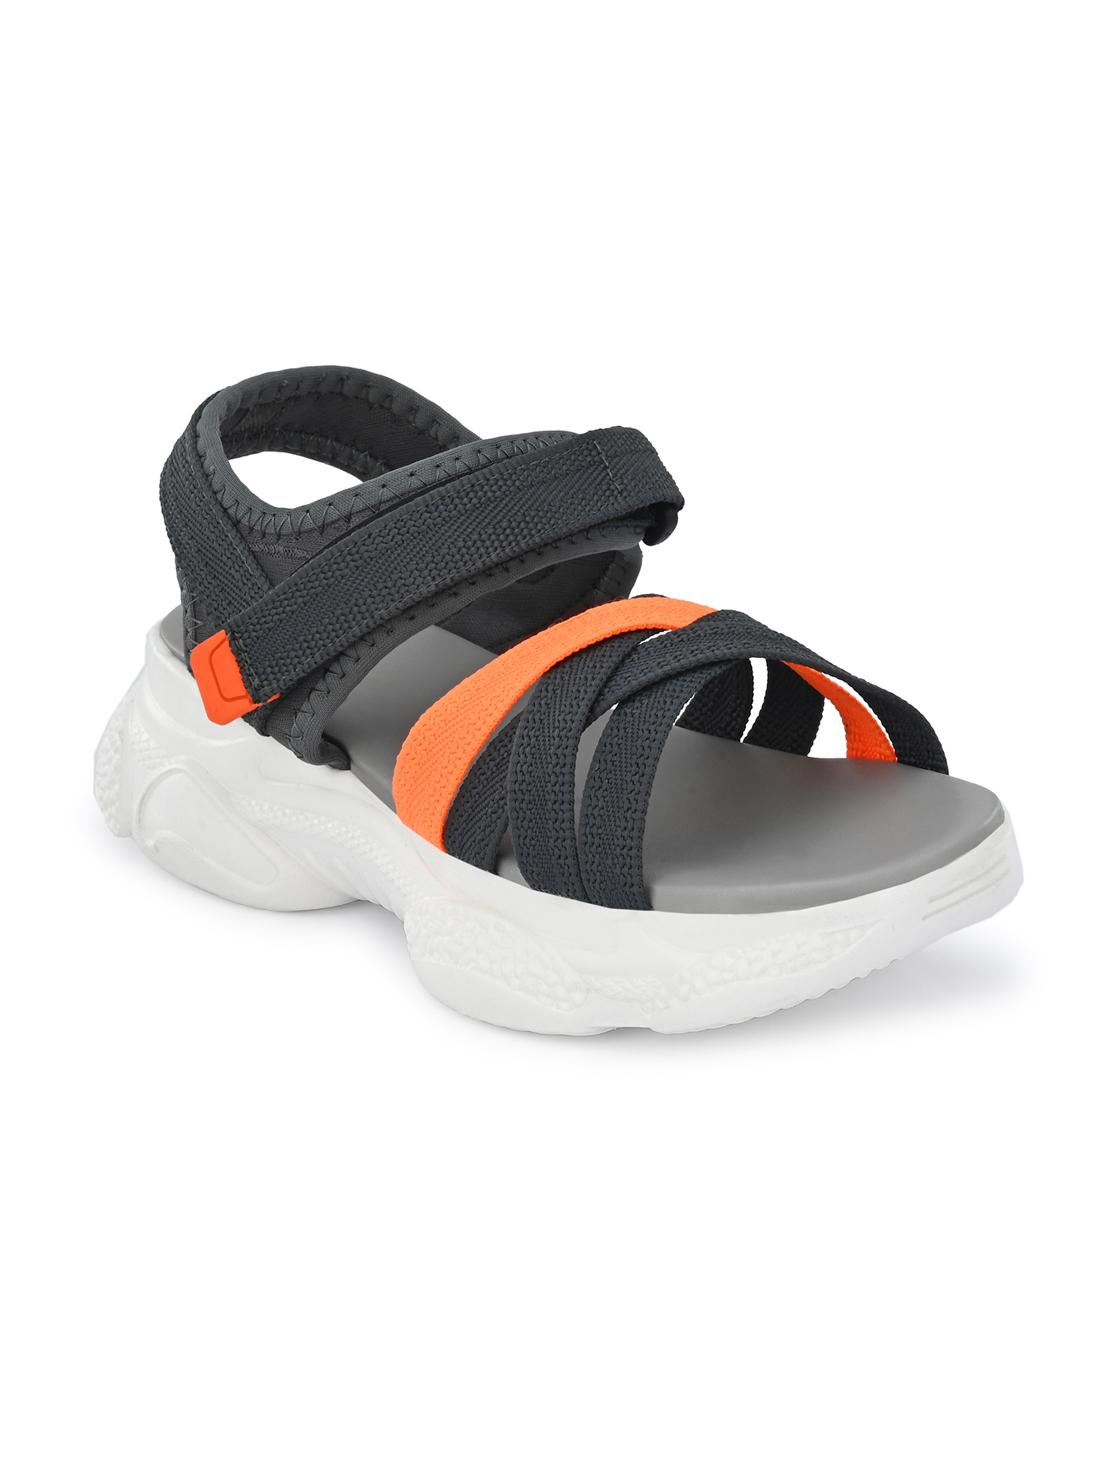 Hirolas | Women Sports Sandals - Grey